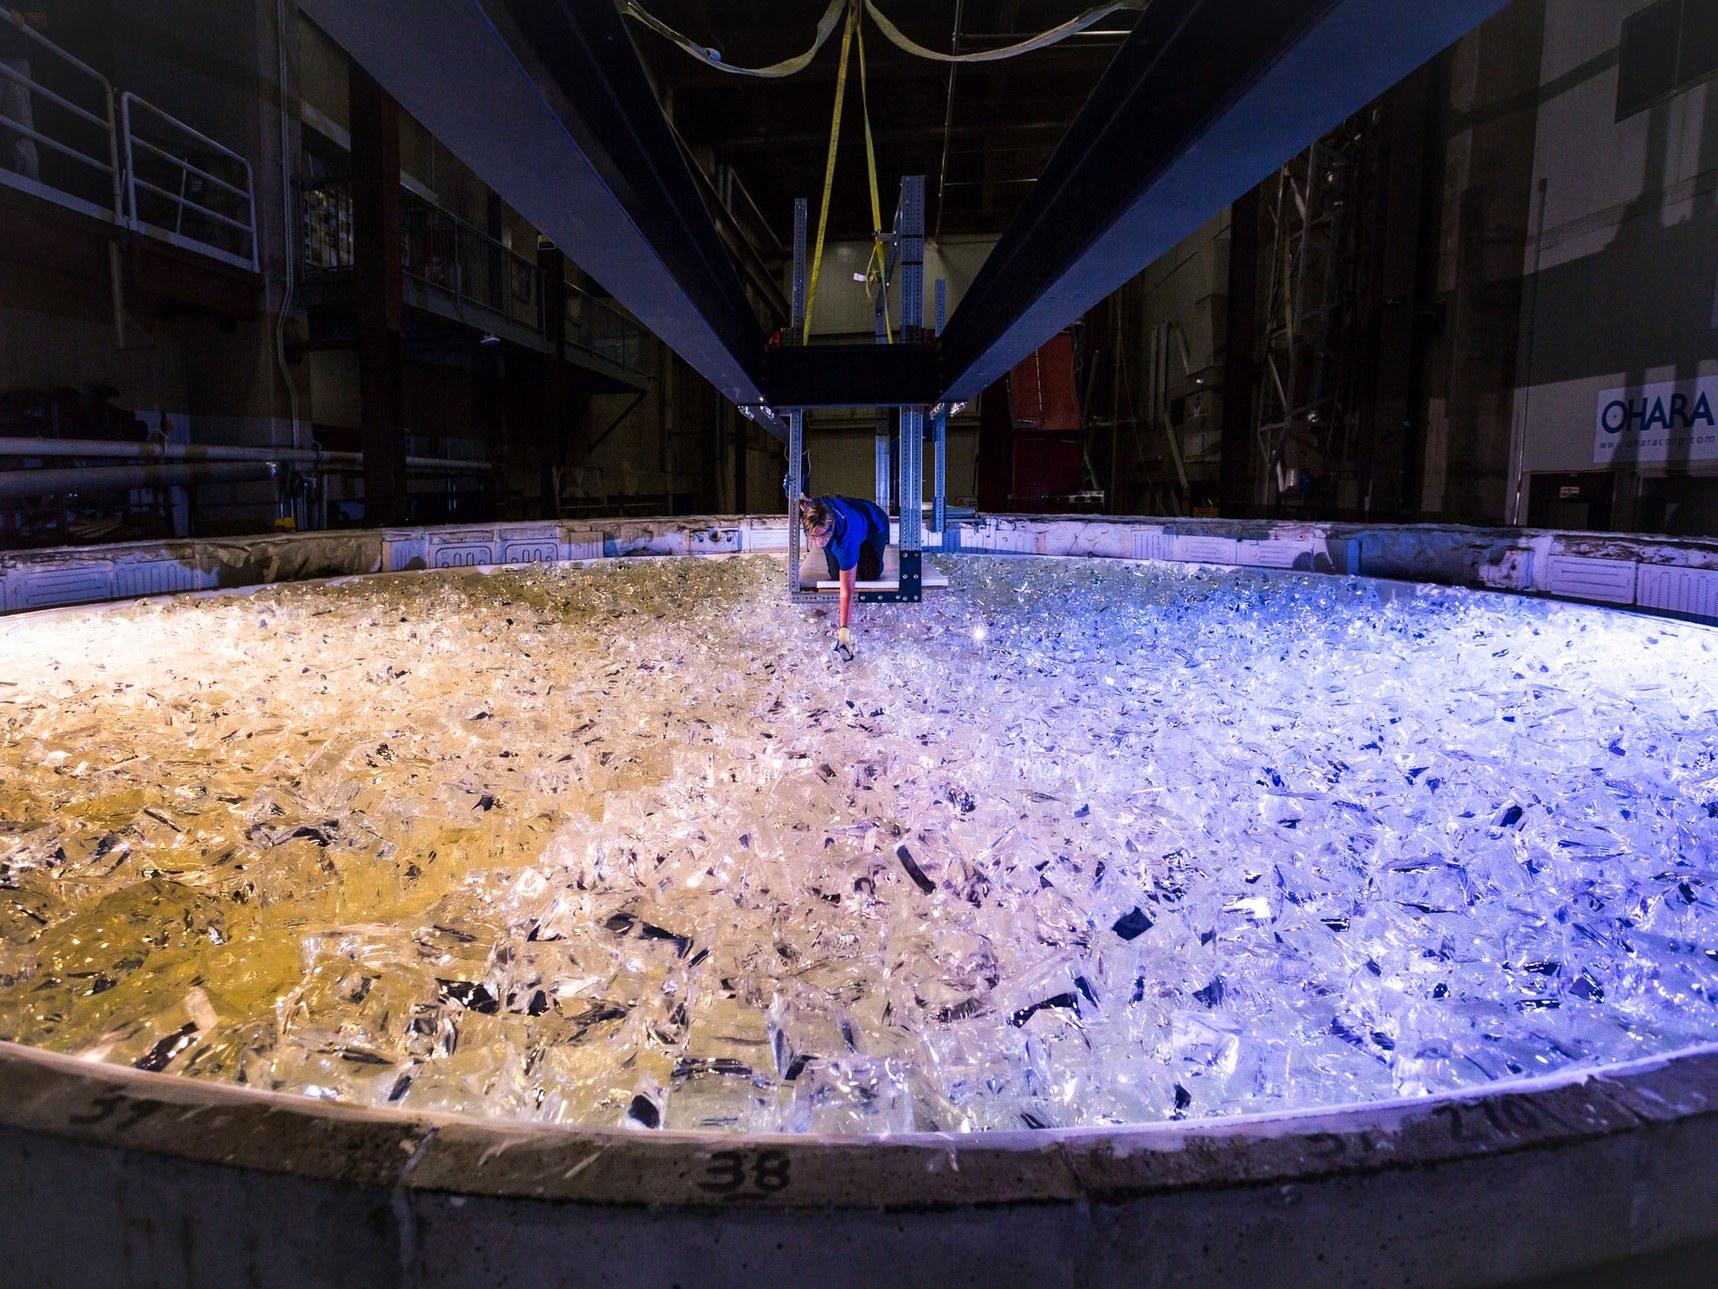 Удивительные инженерные решения для крупнейшего оптического телескопа мира - 1